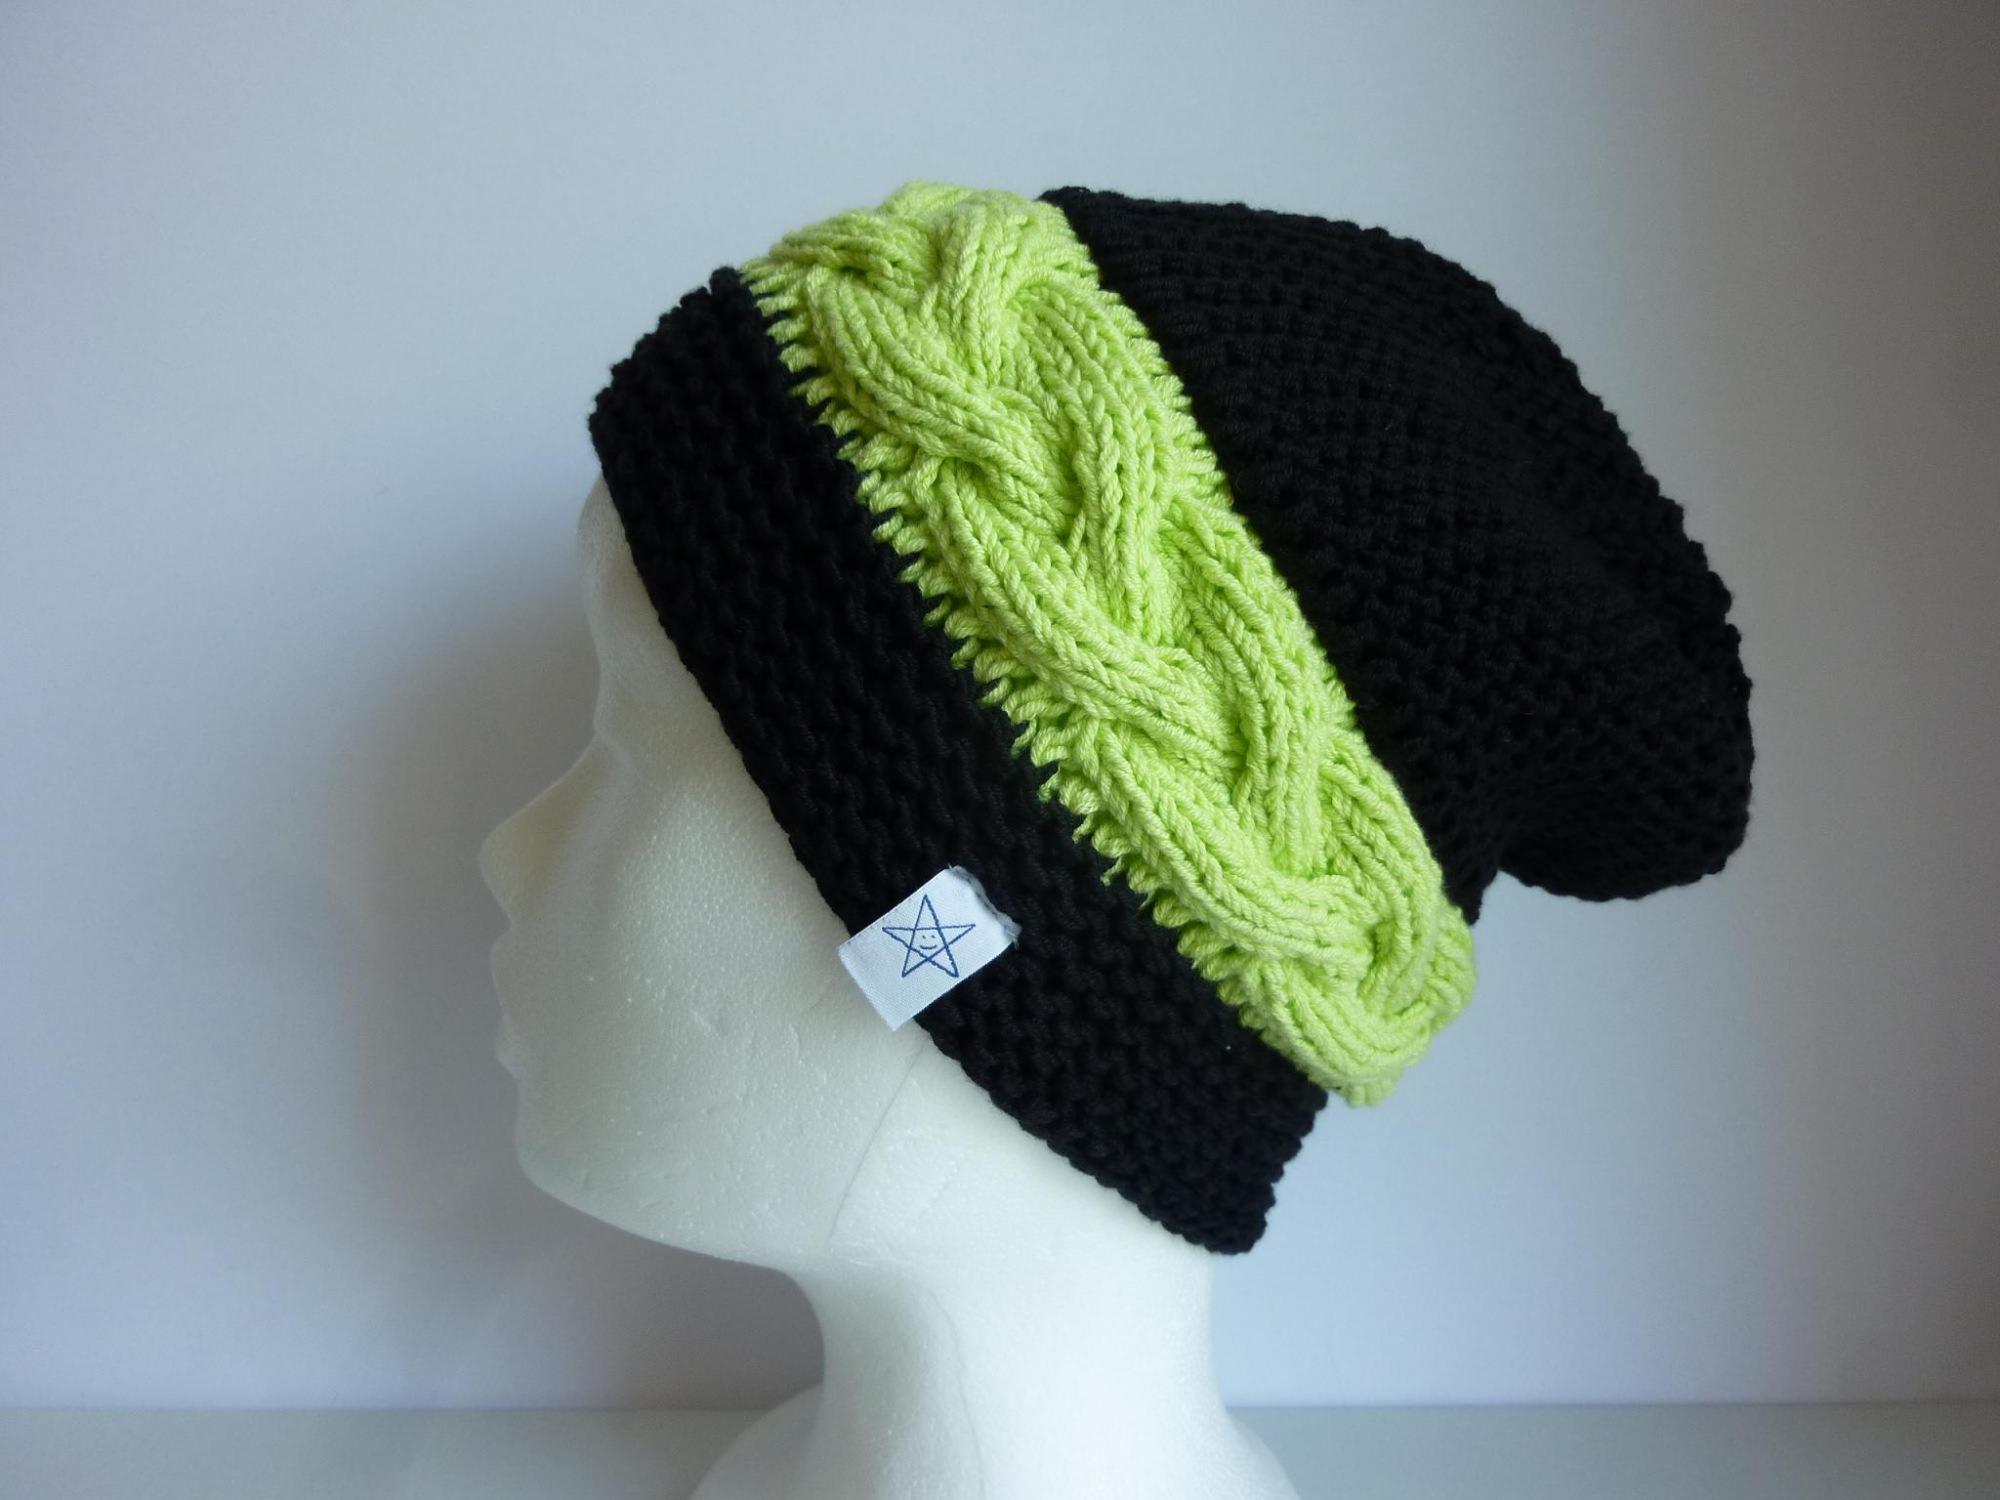 - Strickmütze schwarz hellgrün aus Baumwolle handgestrickt - Strickmütze schwarz hellgrün aus Baumwolle handgestrickt